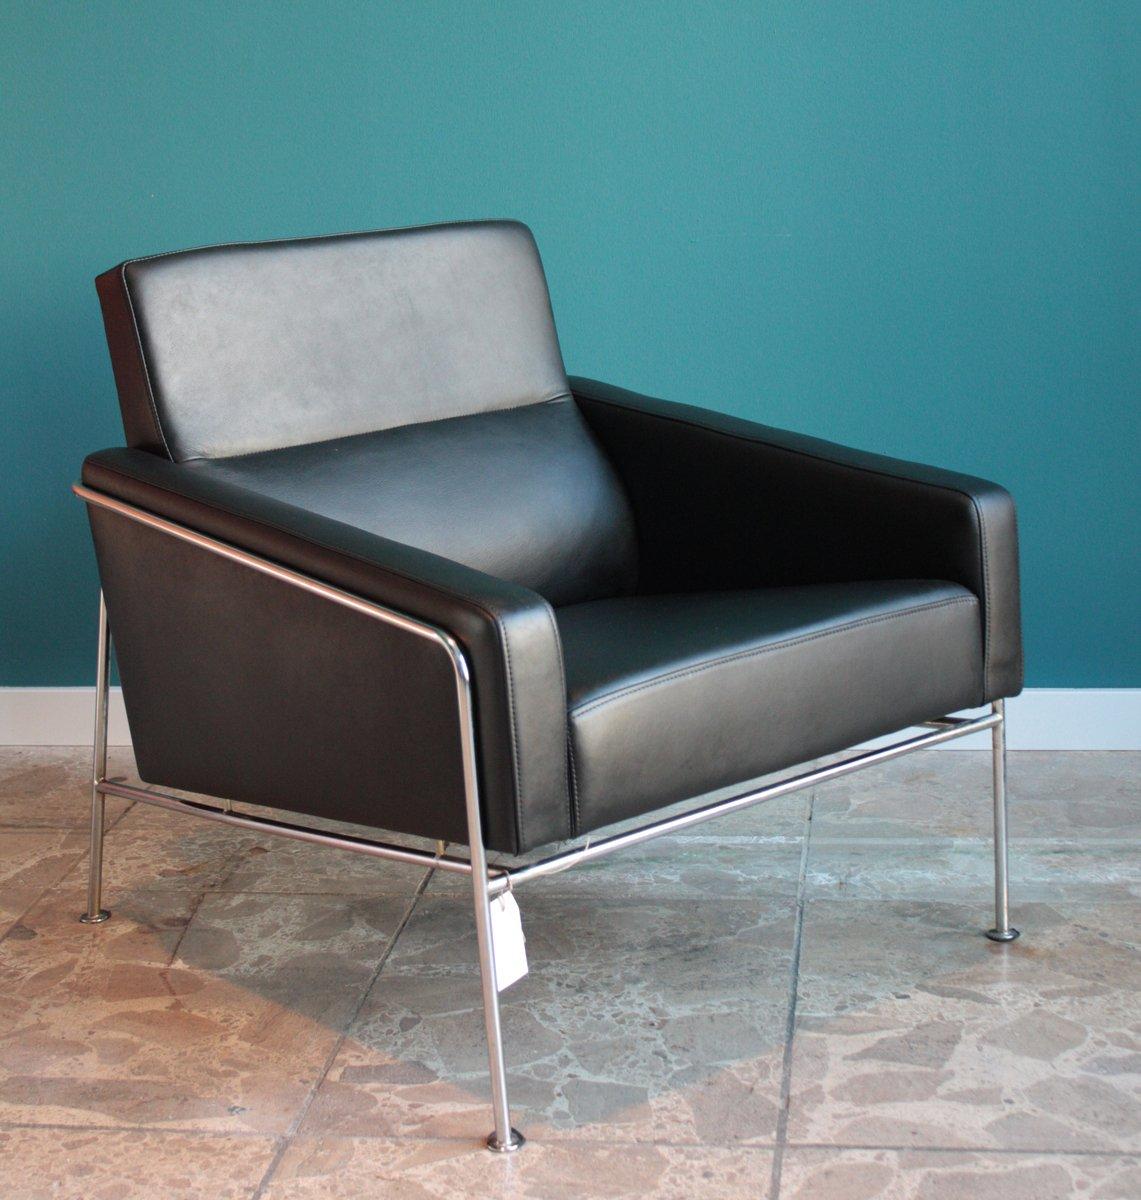 Arne jacobsen sessel affordable egg chair u hocker im for Schwan sessel replica